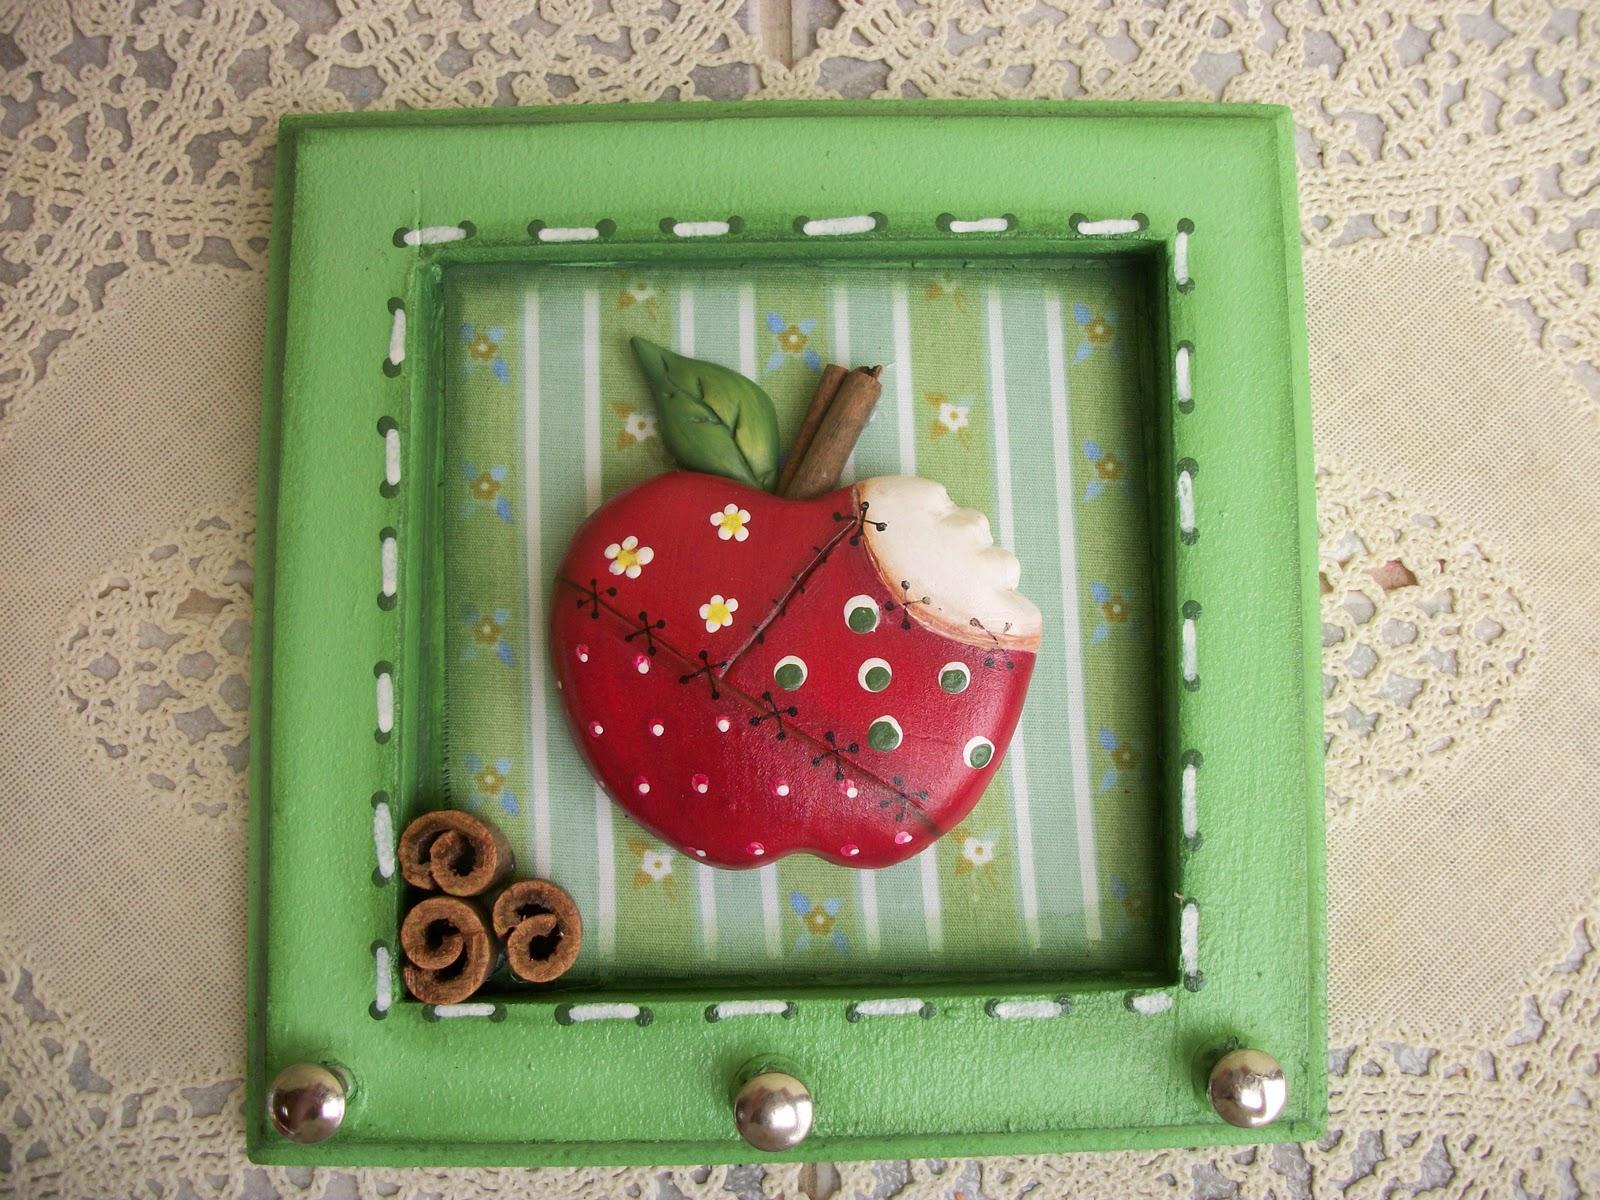 Arte e Artesanato: Porta chaves com aplicação de biscuit #A42735 1600x1200